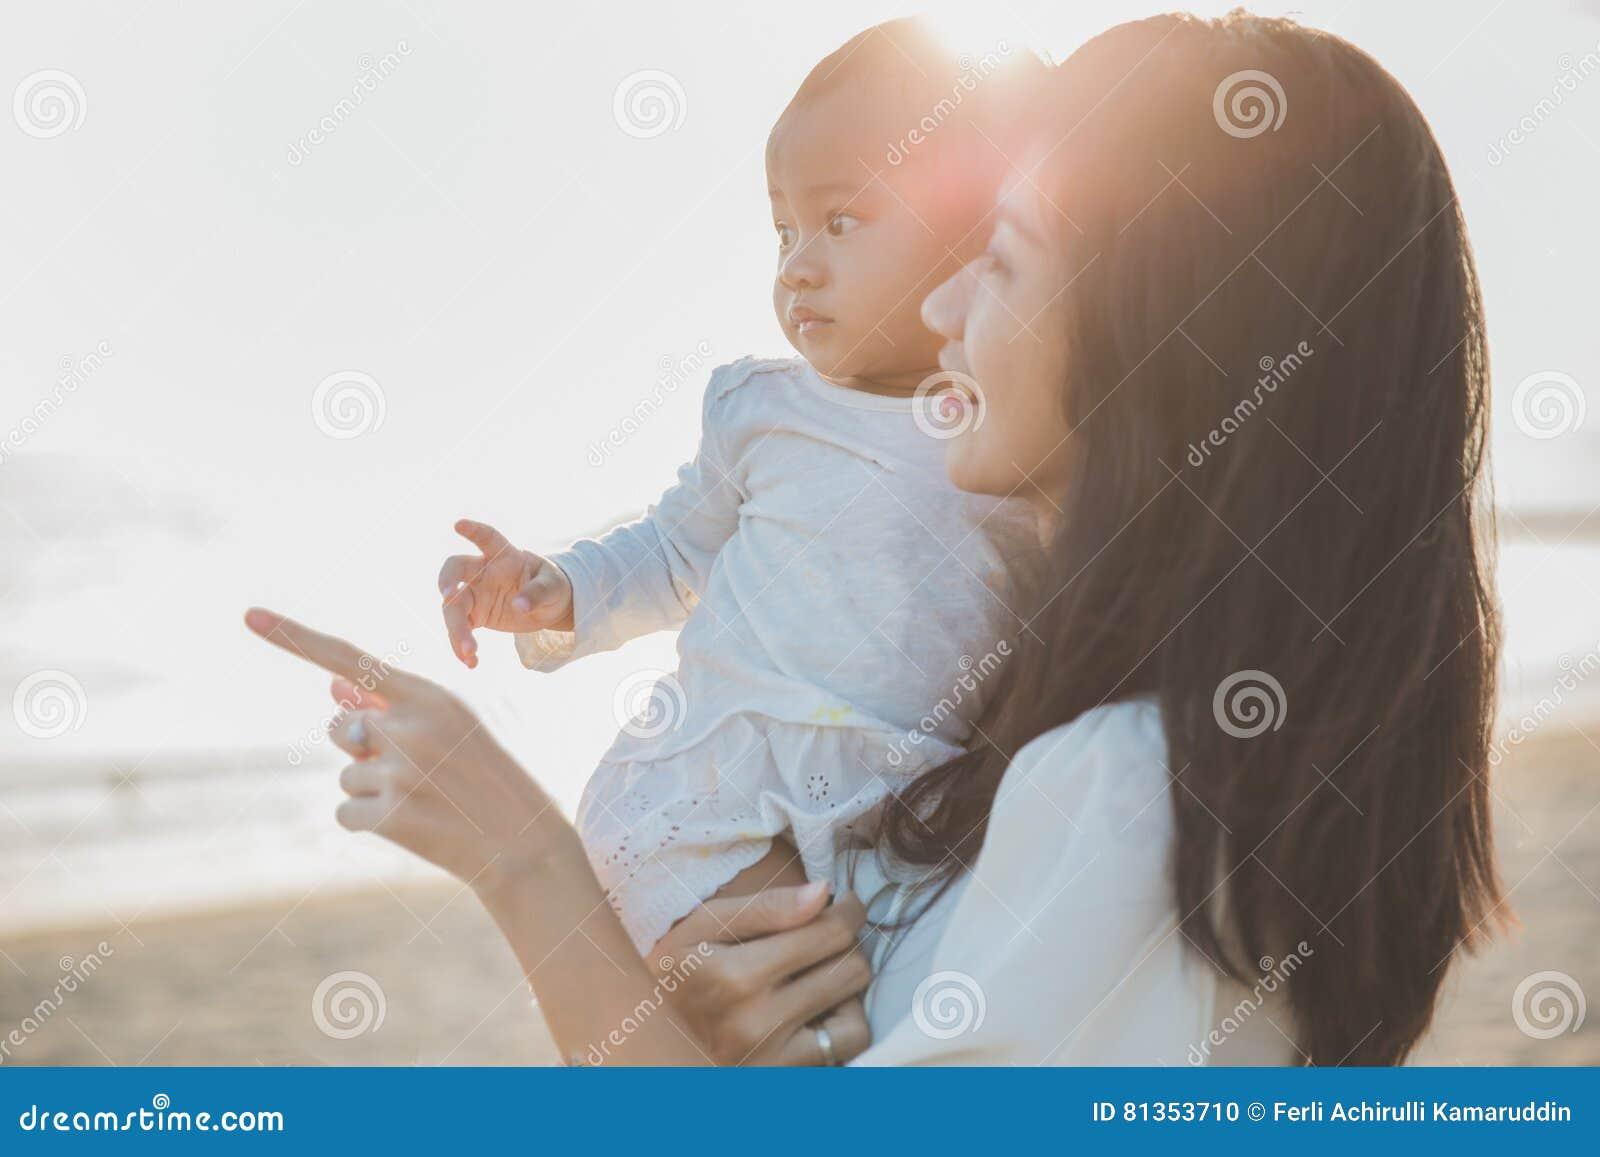 Πορτρέτο της μητέρας και του μωρού στην παραλία στο ηλιοβασίλεμα